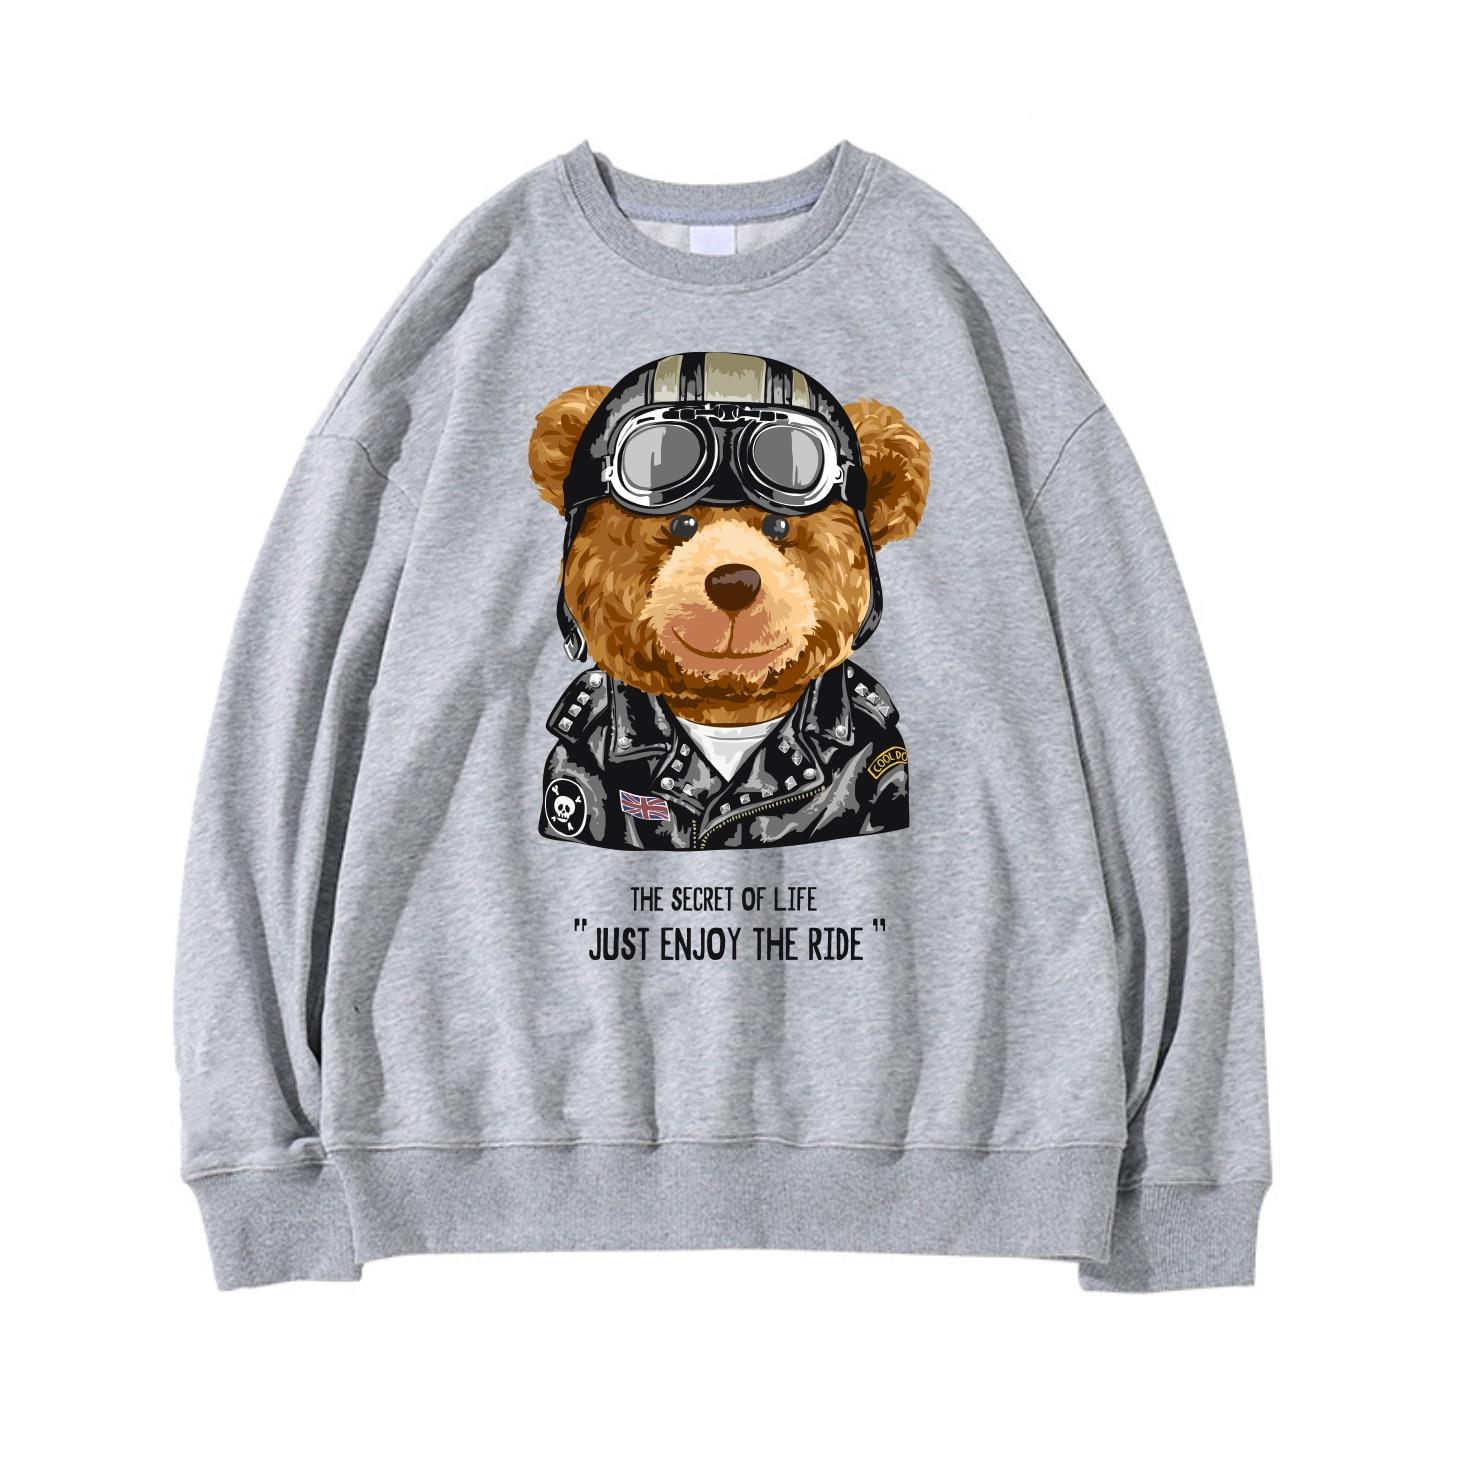 Женские уличные модные популярные толстовки 21SS с принтом крутого медведя, женские повседневные толстовки в стиле хип-хоп Harajuku